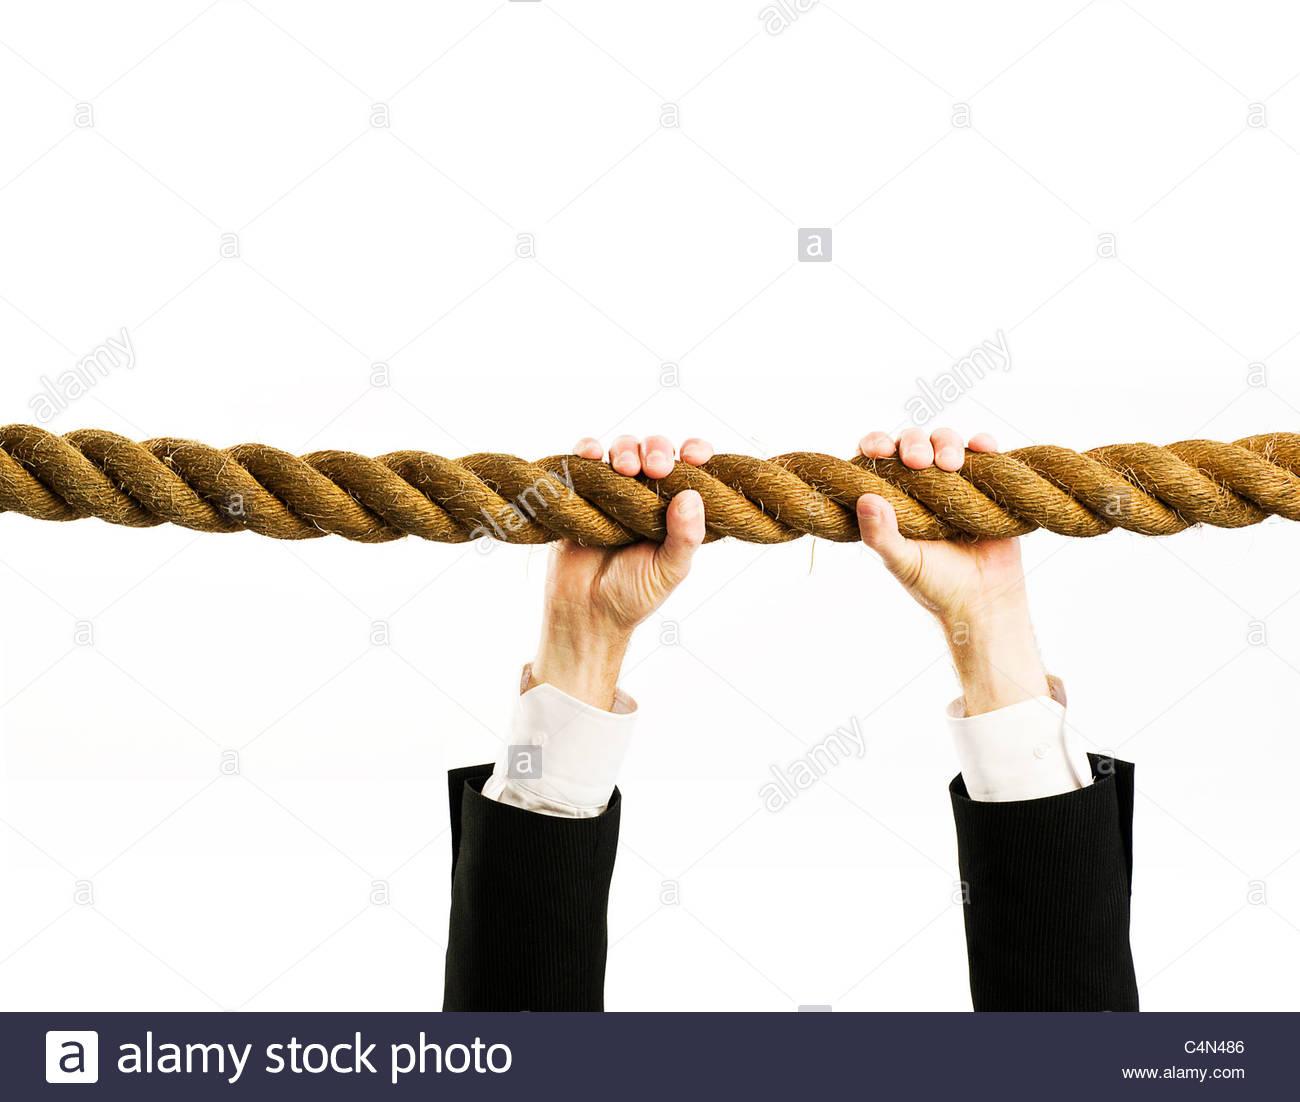 Seil greifen Stockfoto, Bild: 37343718 - Alamy